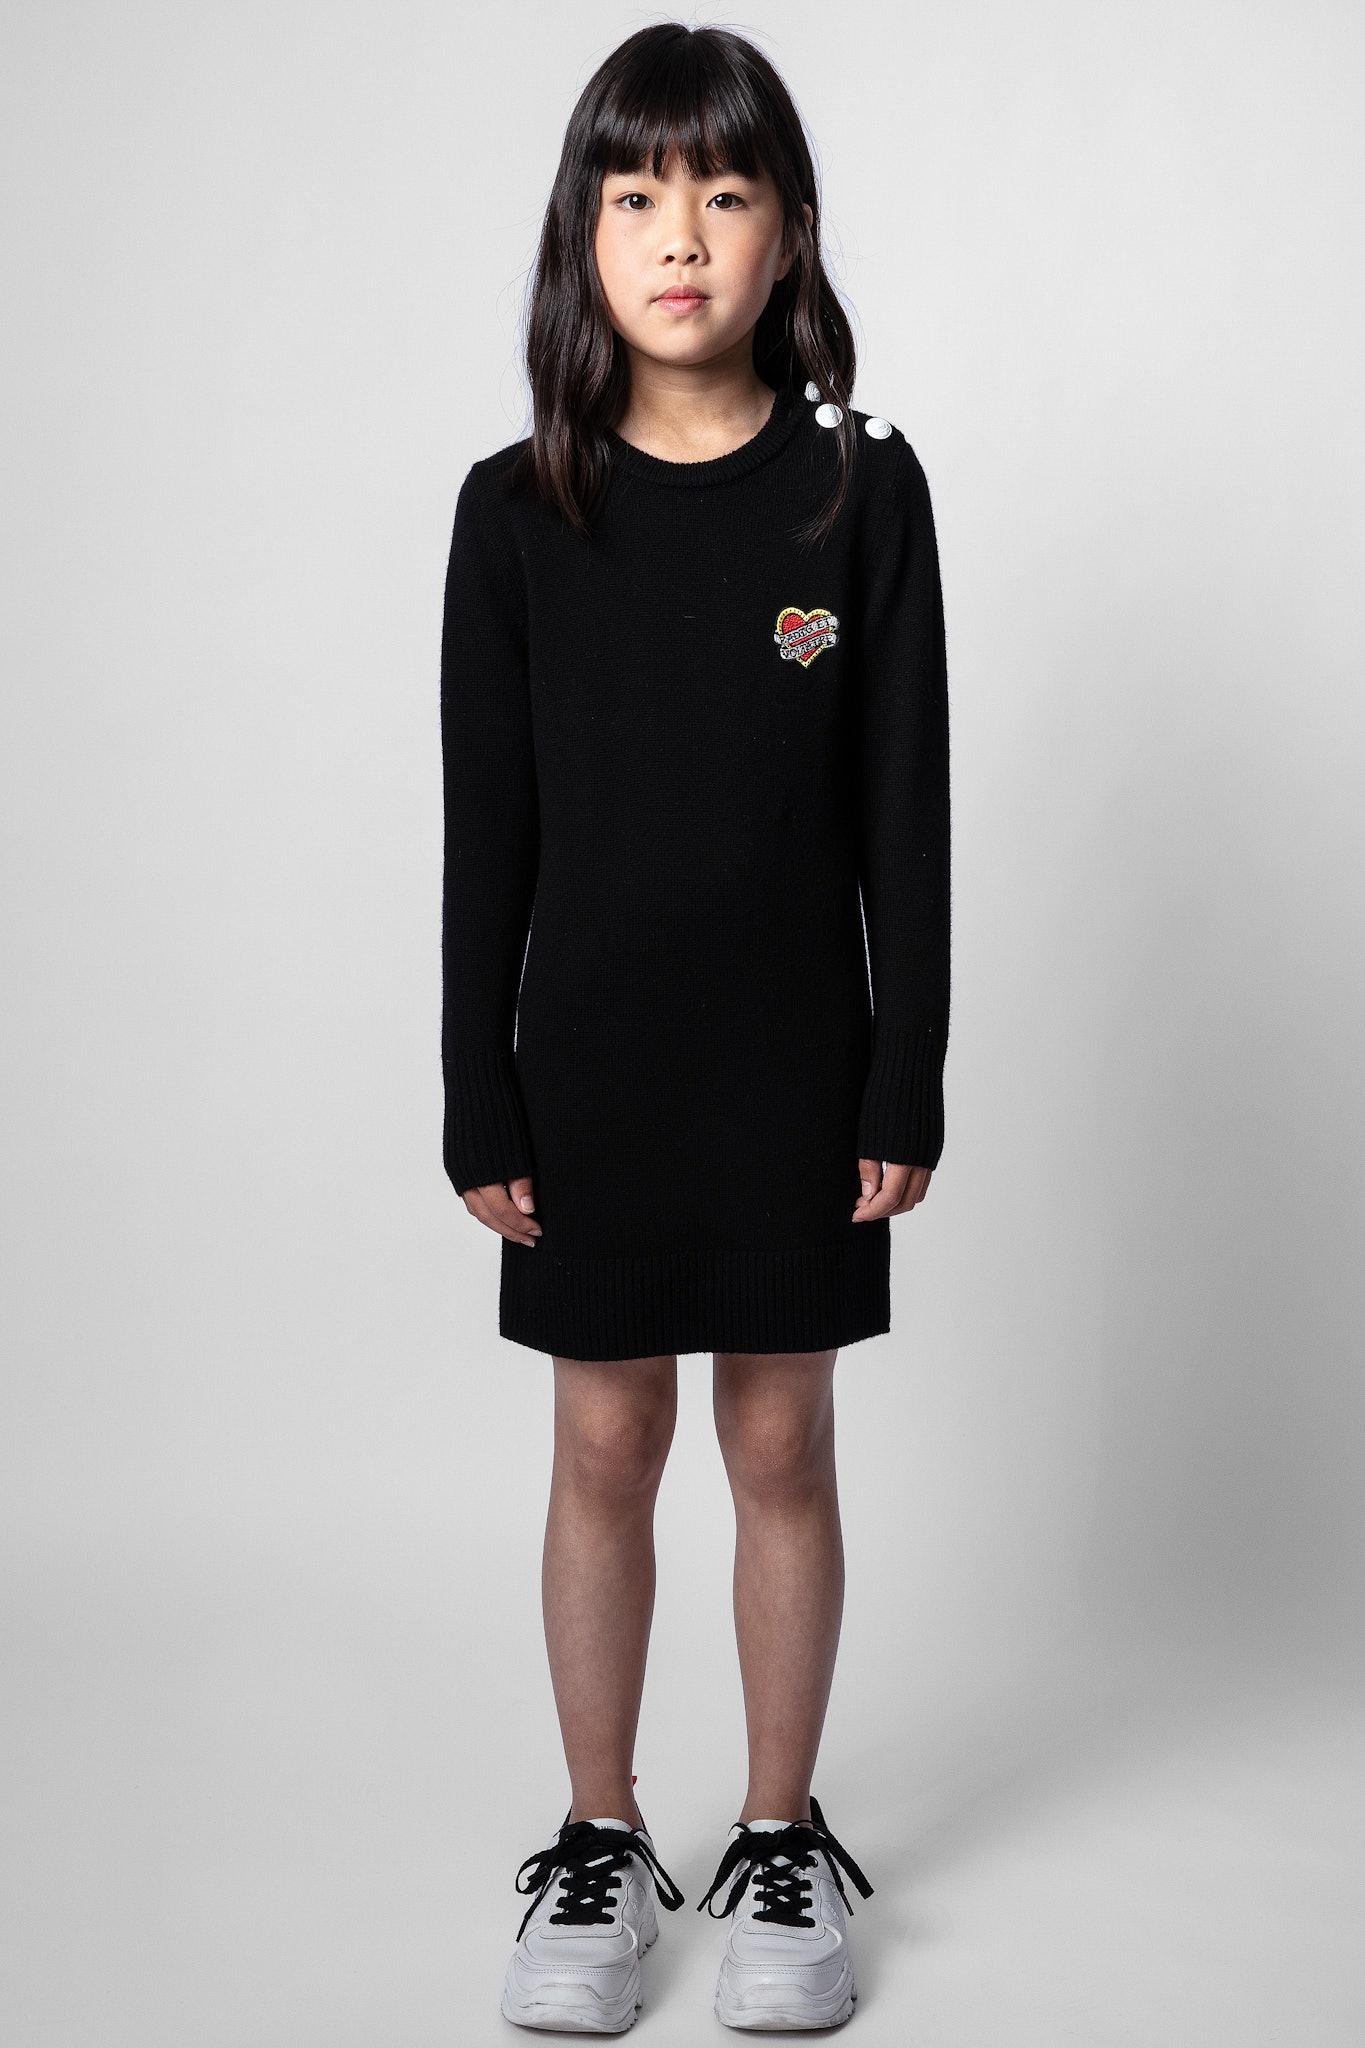 Harlow Enfant Dress